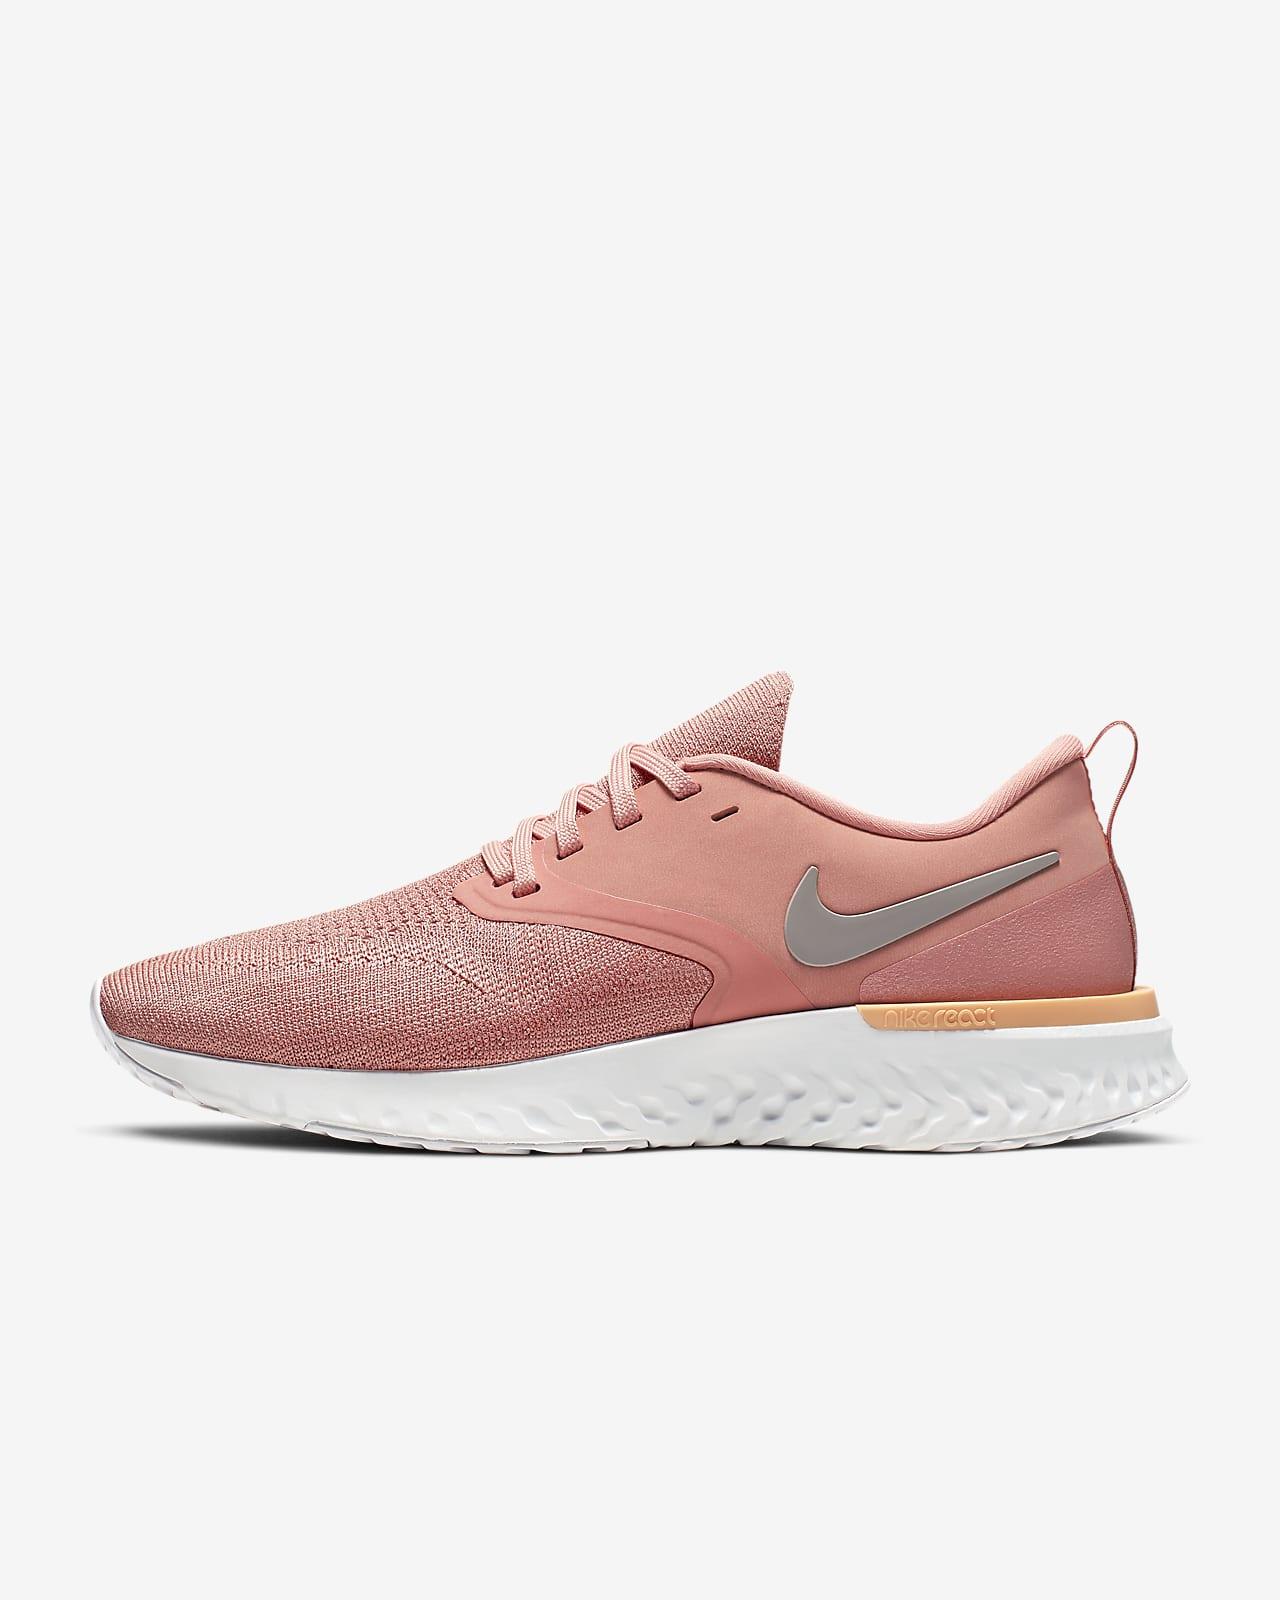 Γυναικείο παπούτσι για τρέξιμο Nike Odyssey React Flyknit 2